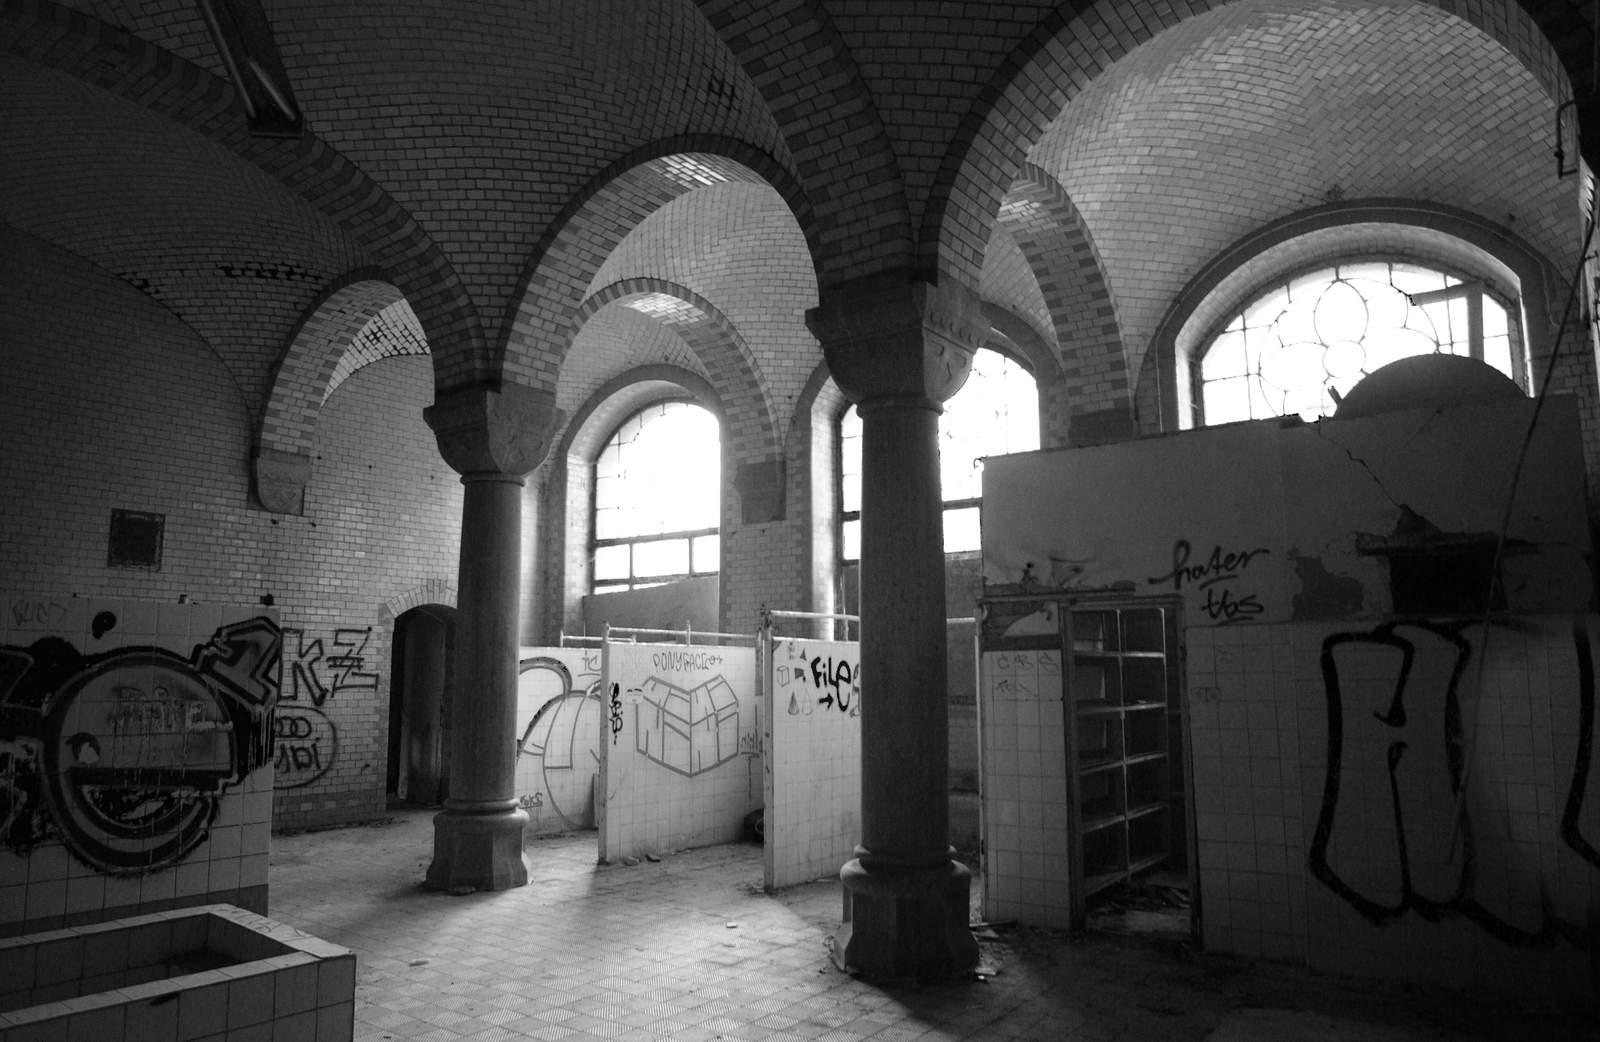 beelitz heilstatten11 Abandoned Beelitz Heilstatten Hospital